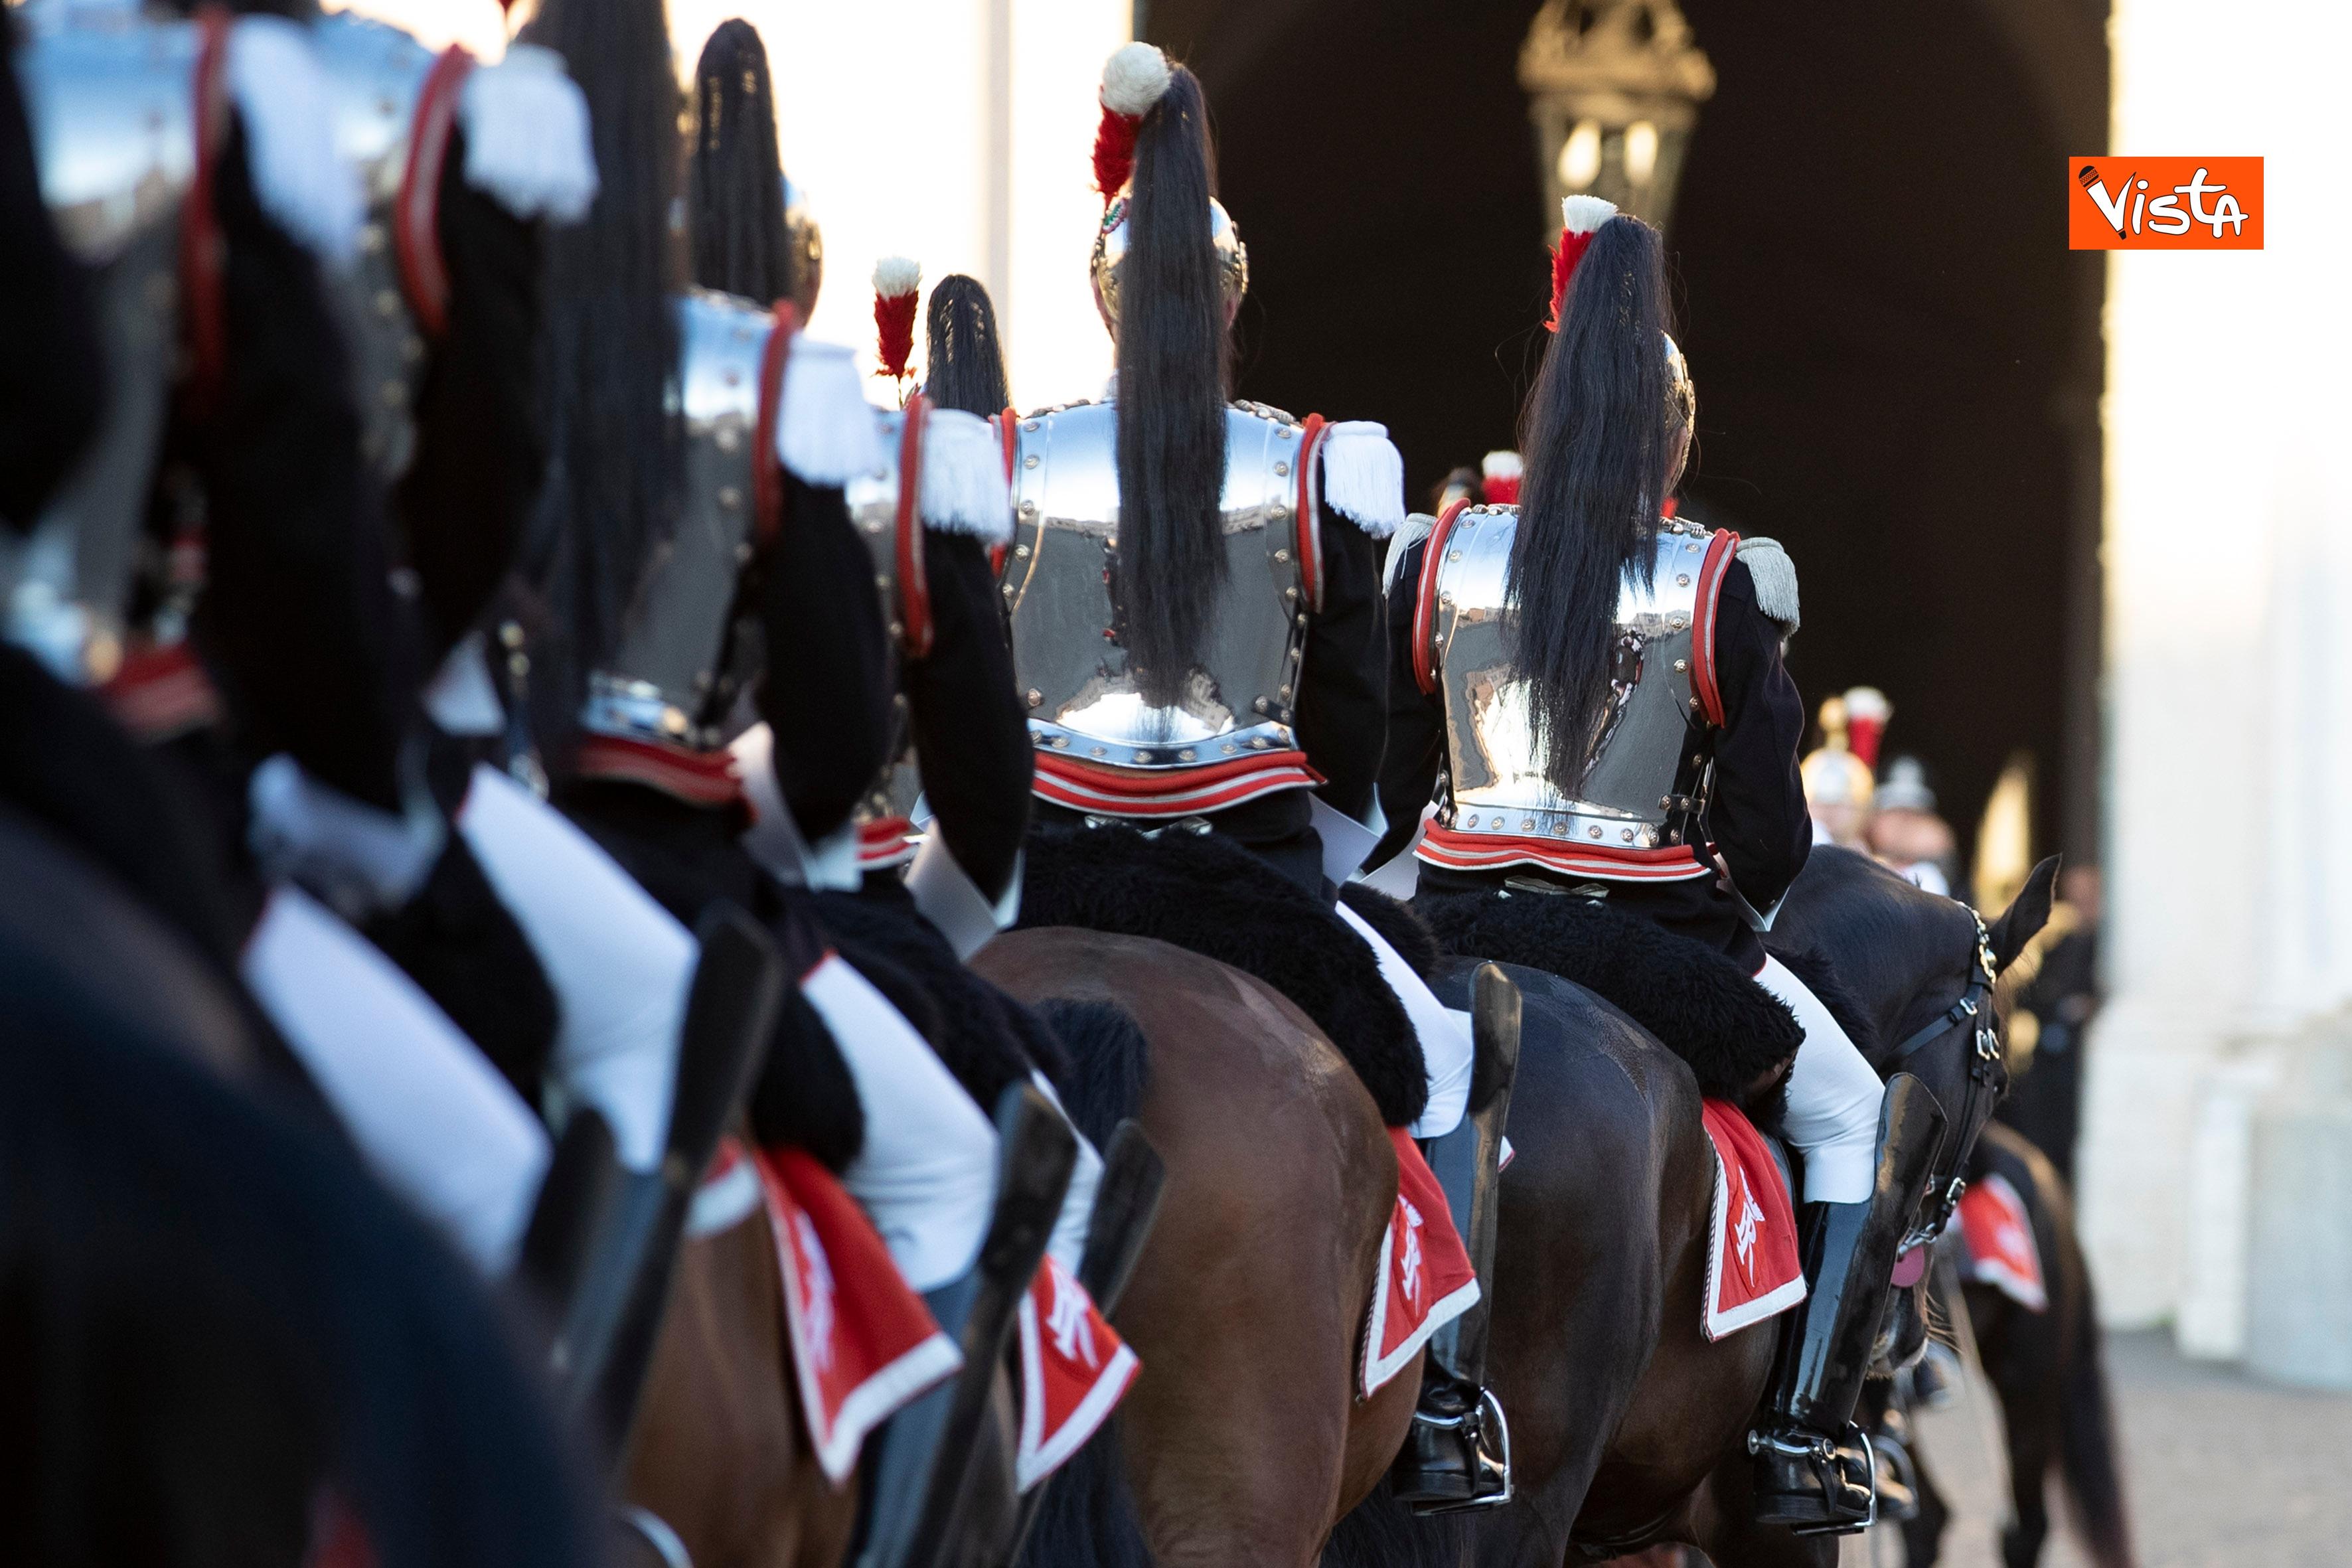 07-01-19 Festa Tricolore il cambio della guardia solenne al Quirinale_04